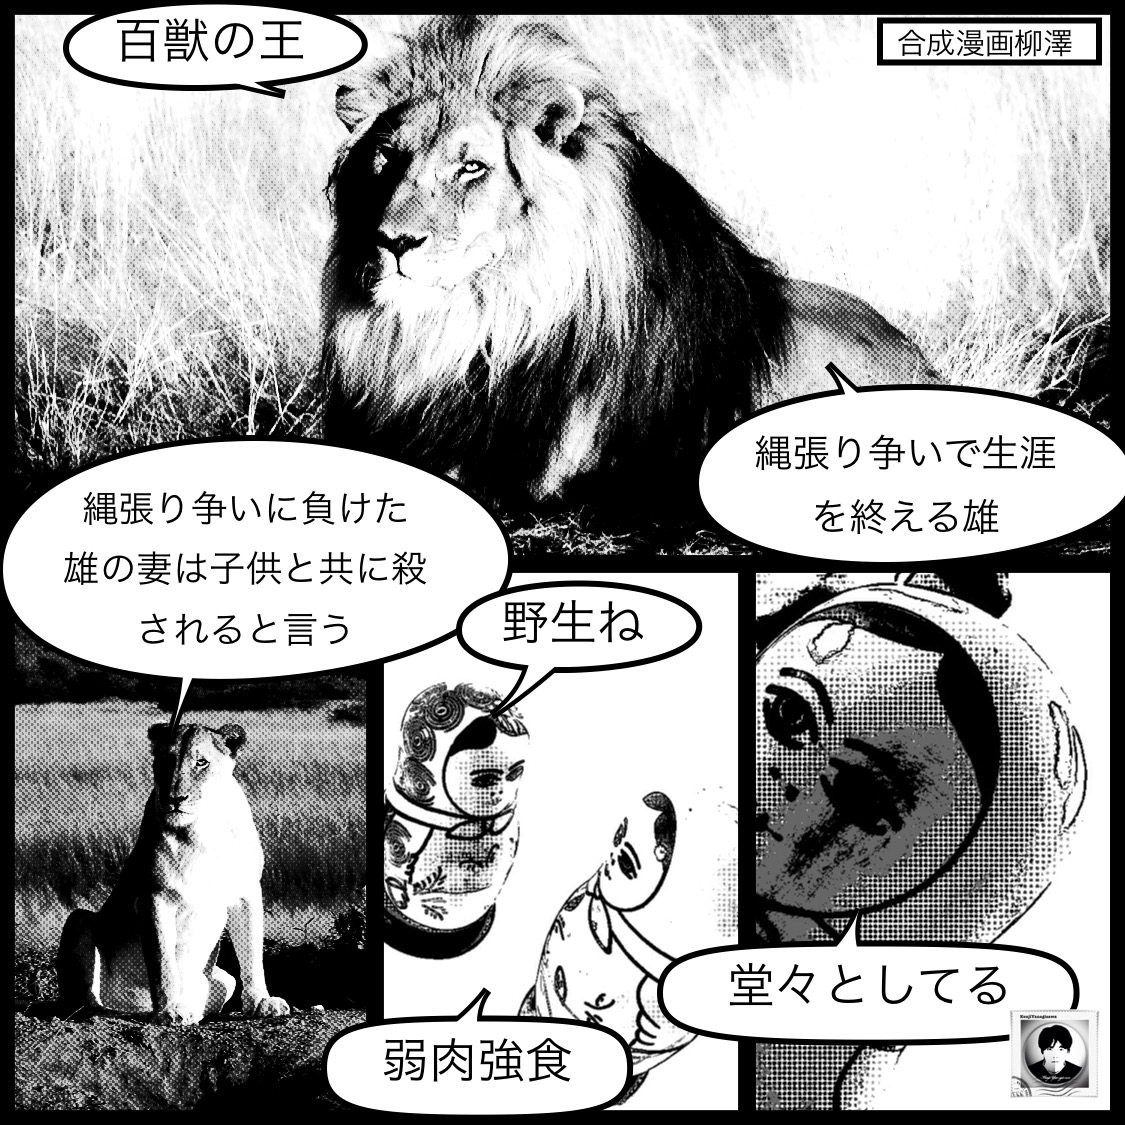 ライオンの生き様